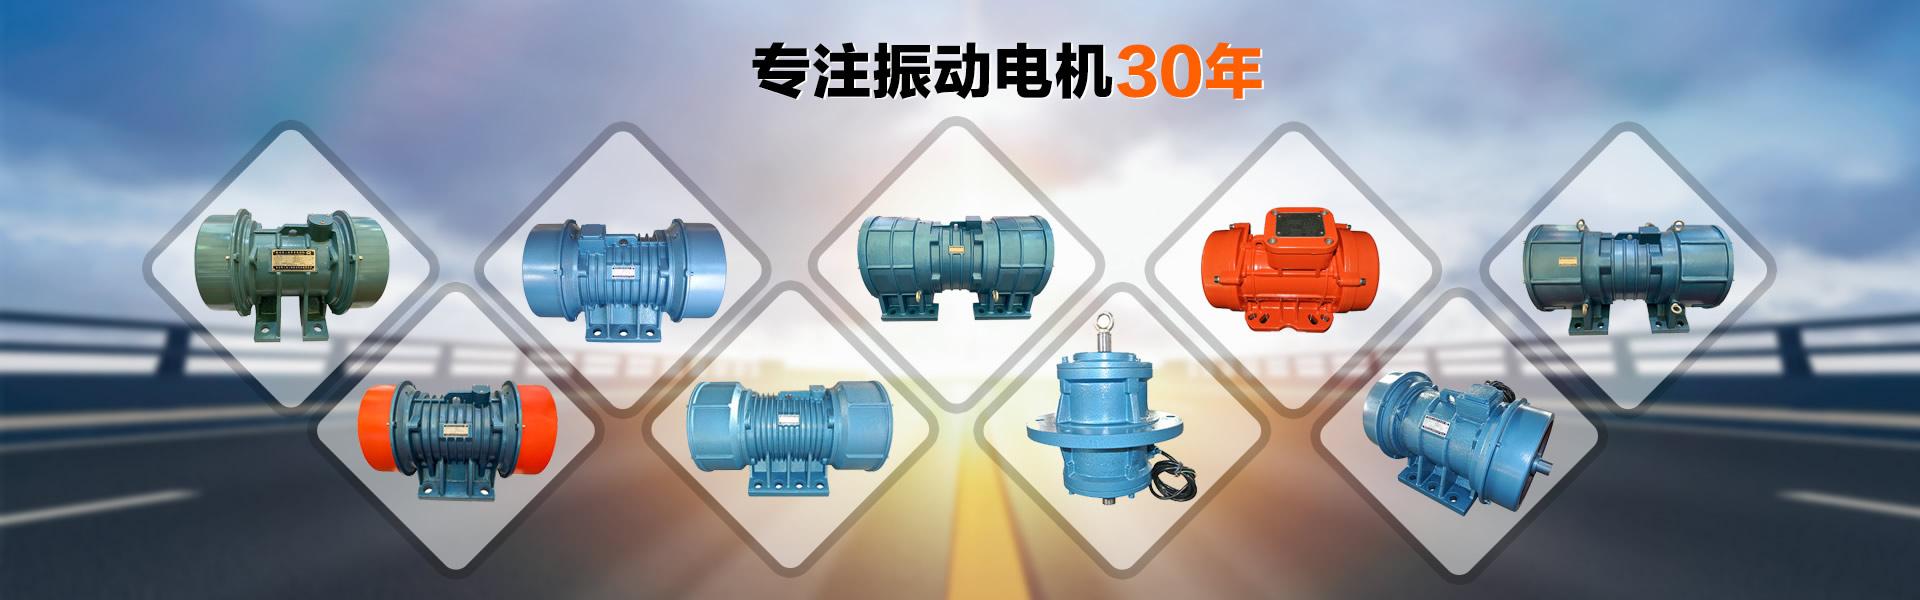 上海上振振动电机有限公司专注振动电机30年